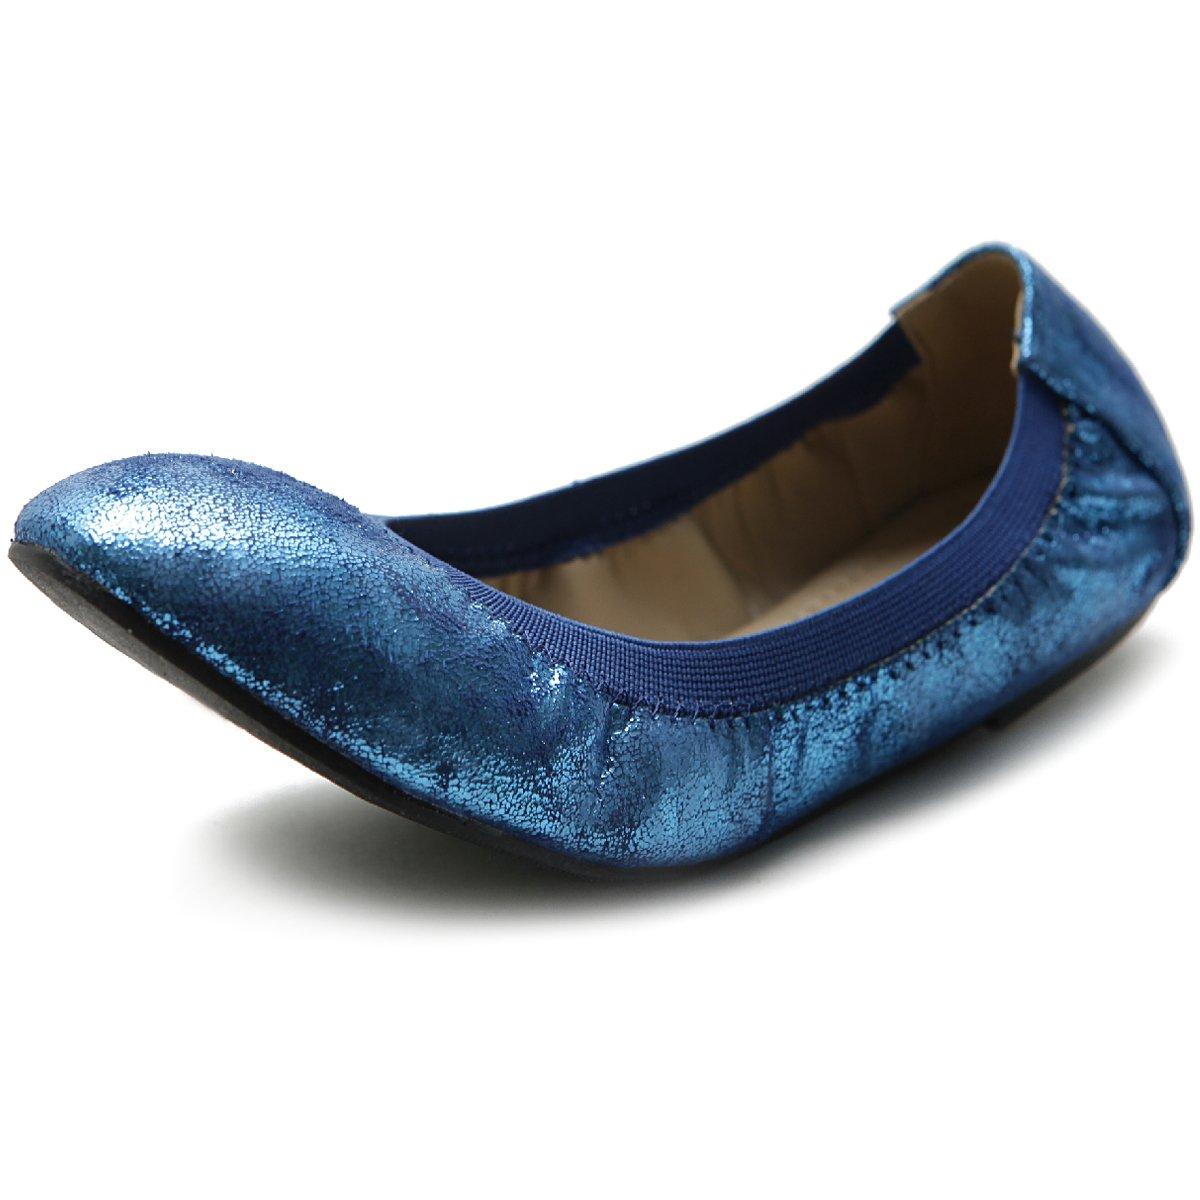 Ollio Women's Shoe Comfort Multi Color Cute Ballet Flats B07DGLT4B7 8 B(M) US Royal Blue